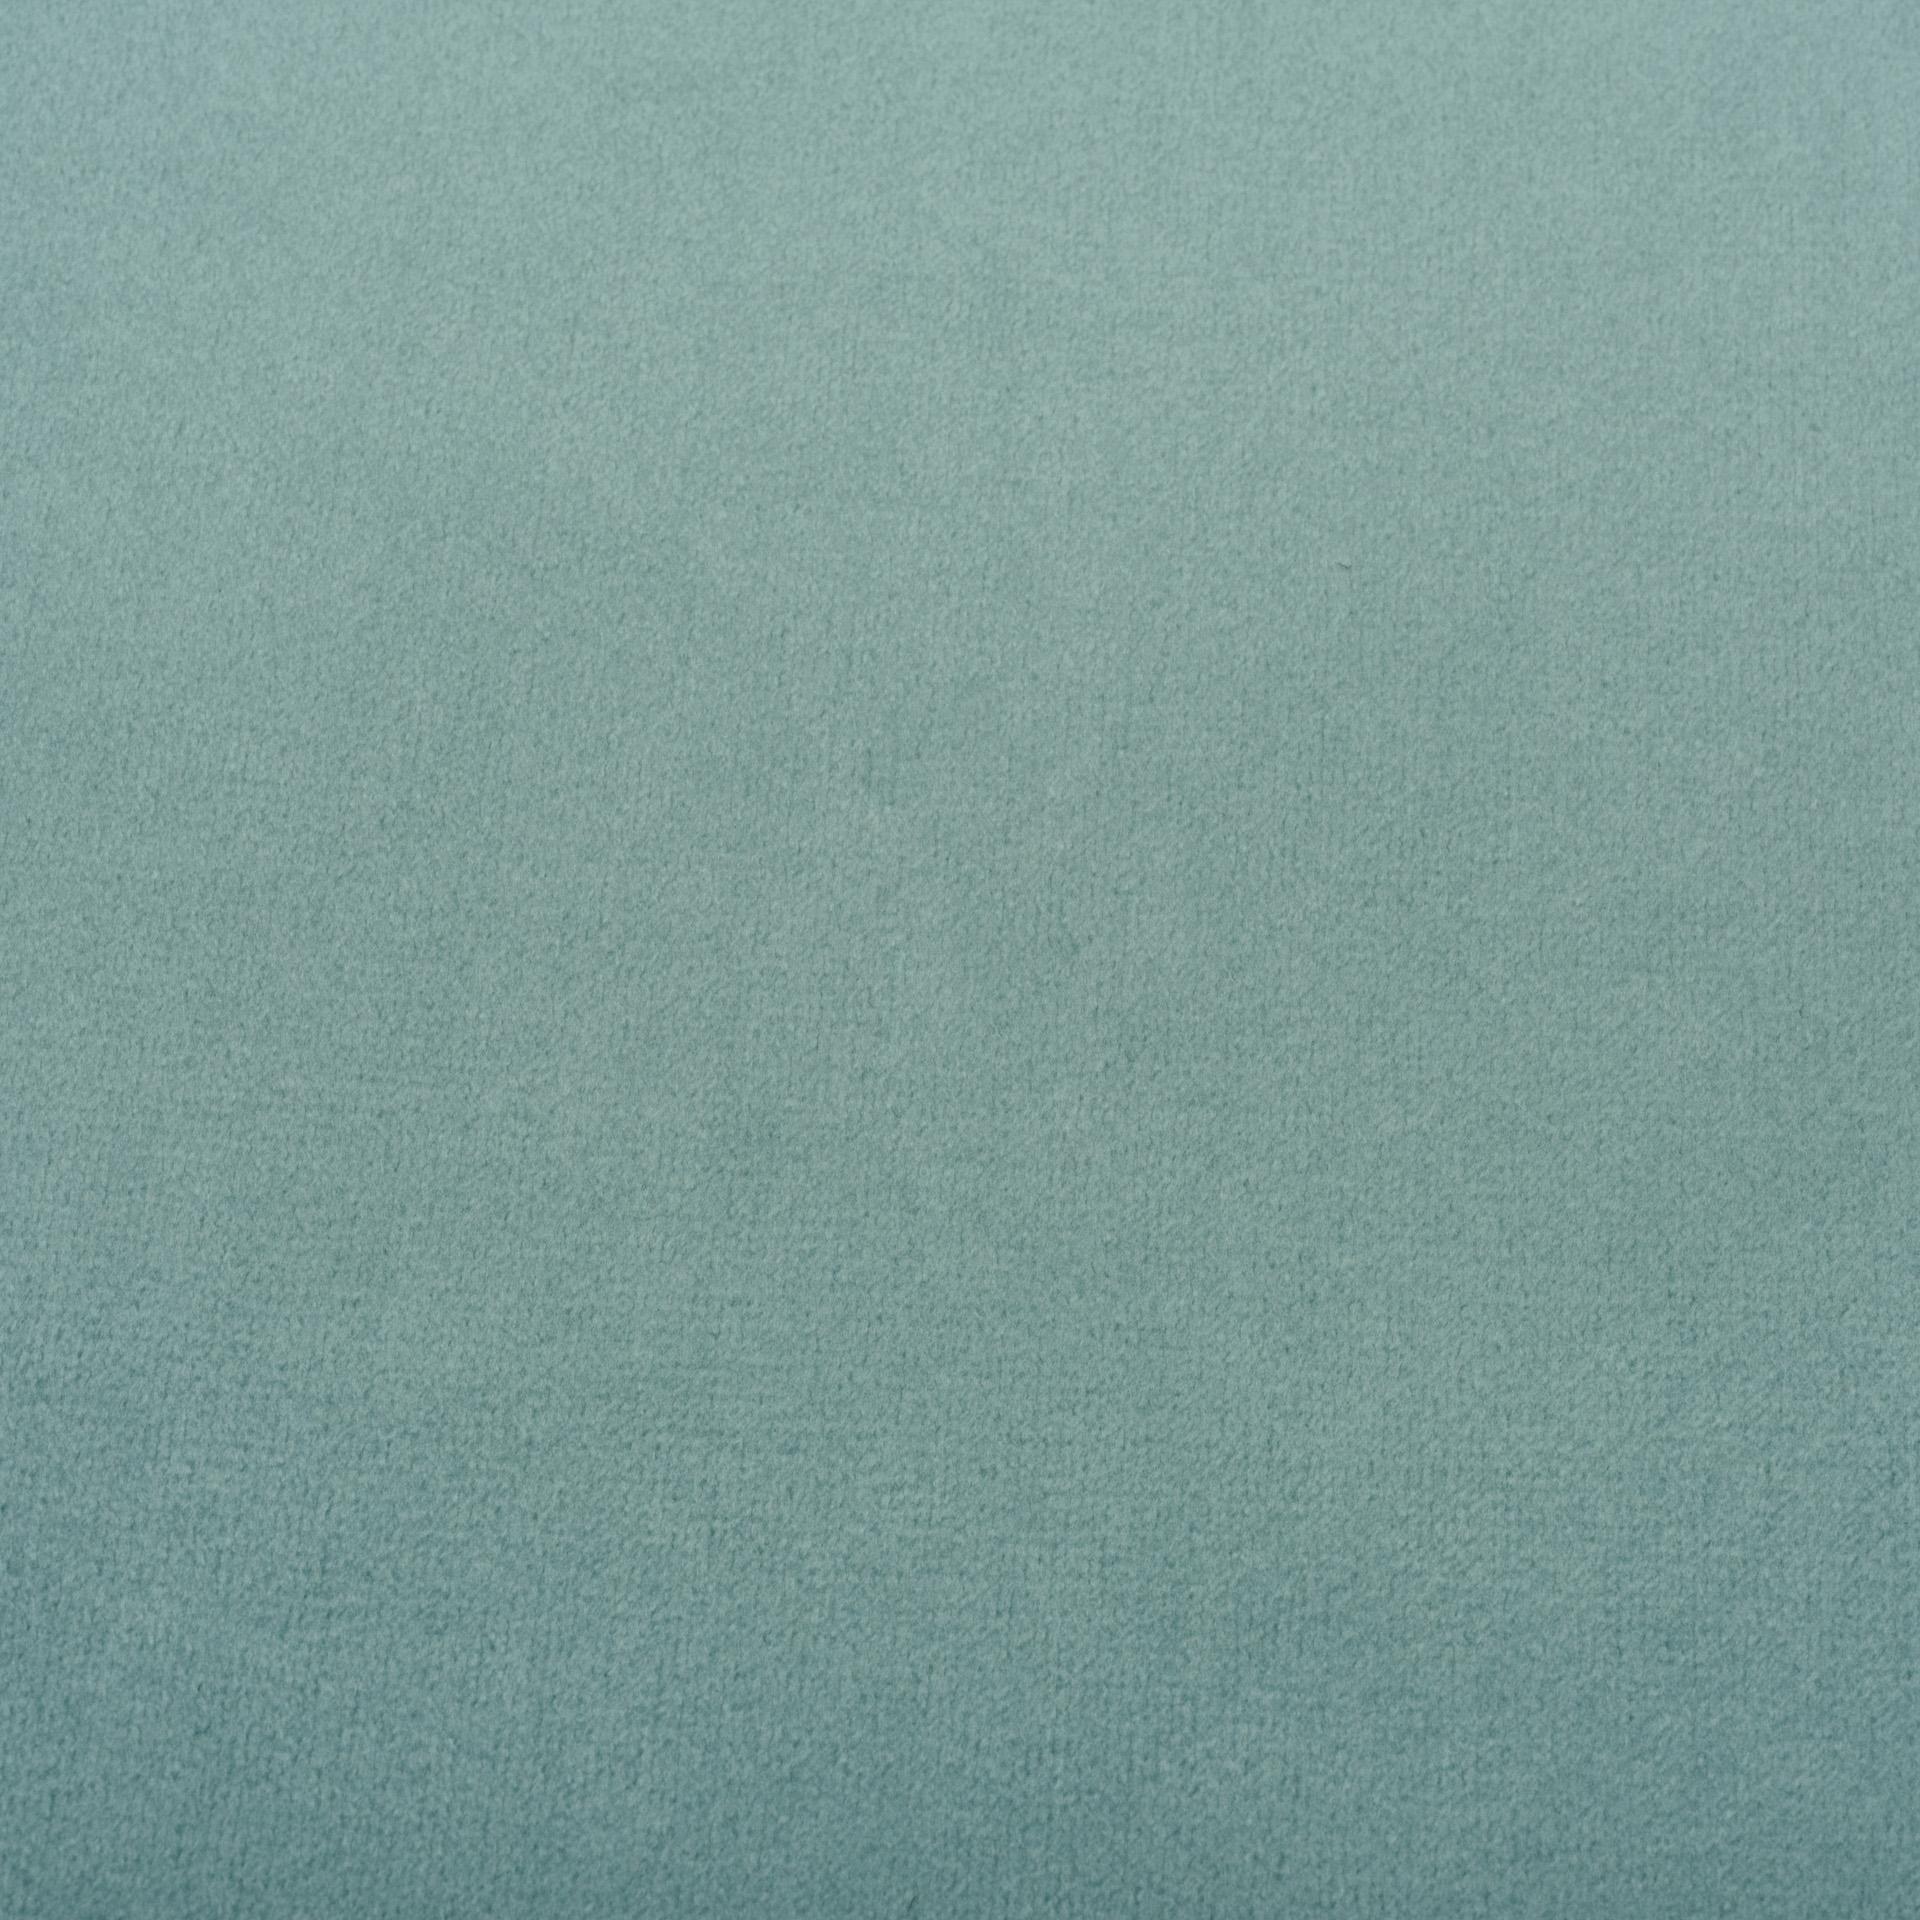 Коллекция ткани Багира 15 LUCITE GREEN,  купить ткань Велюр для мебели Украина